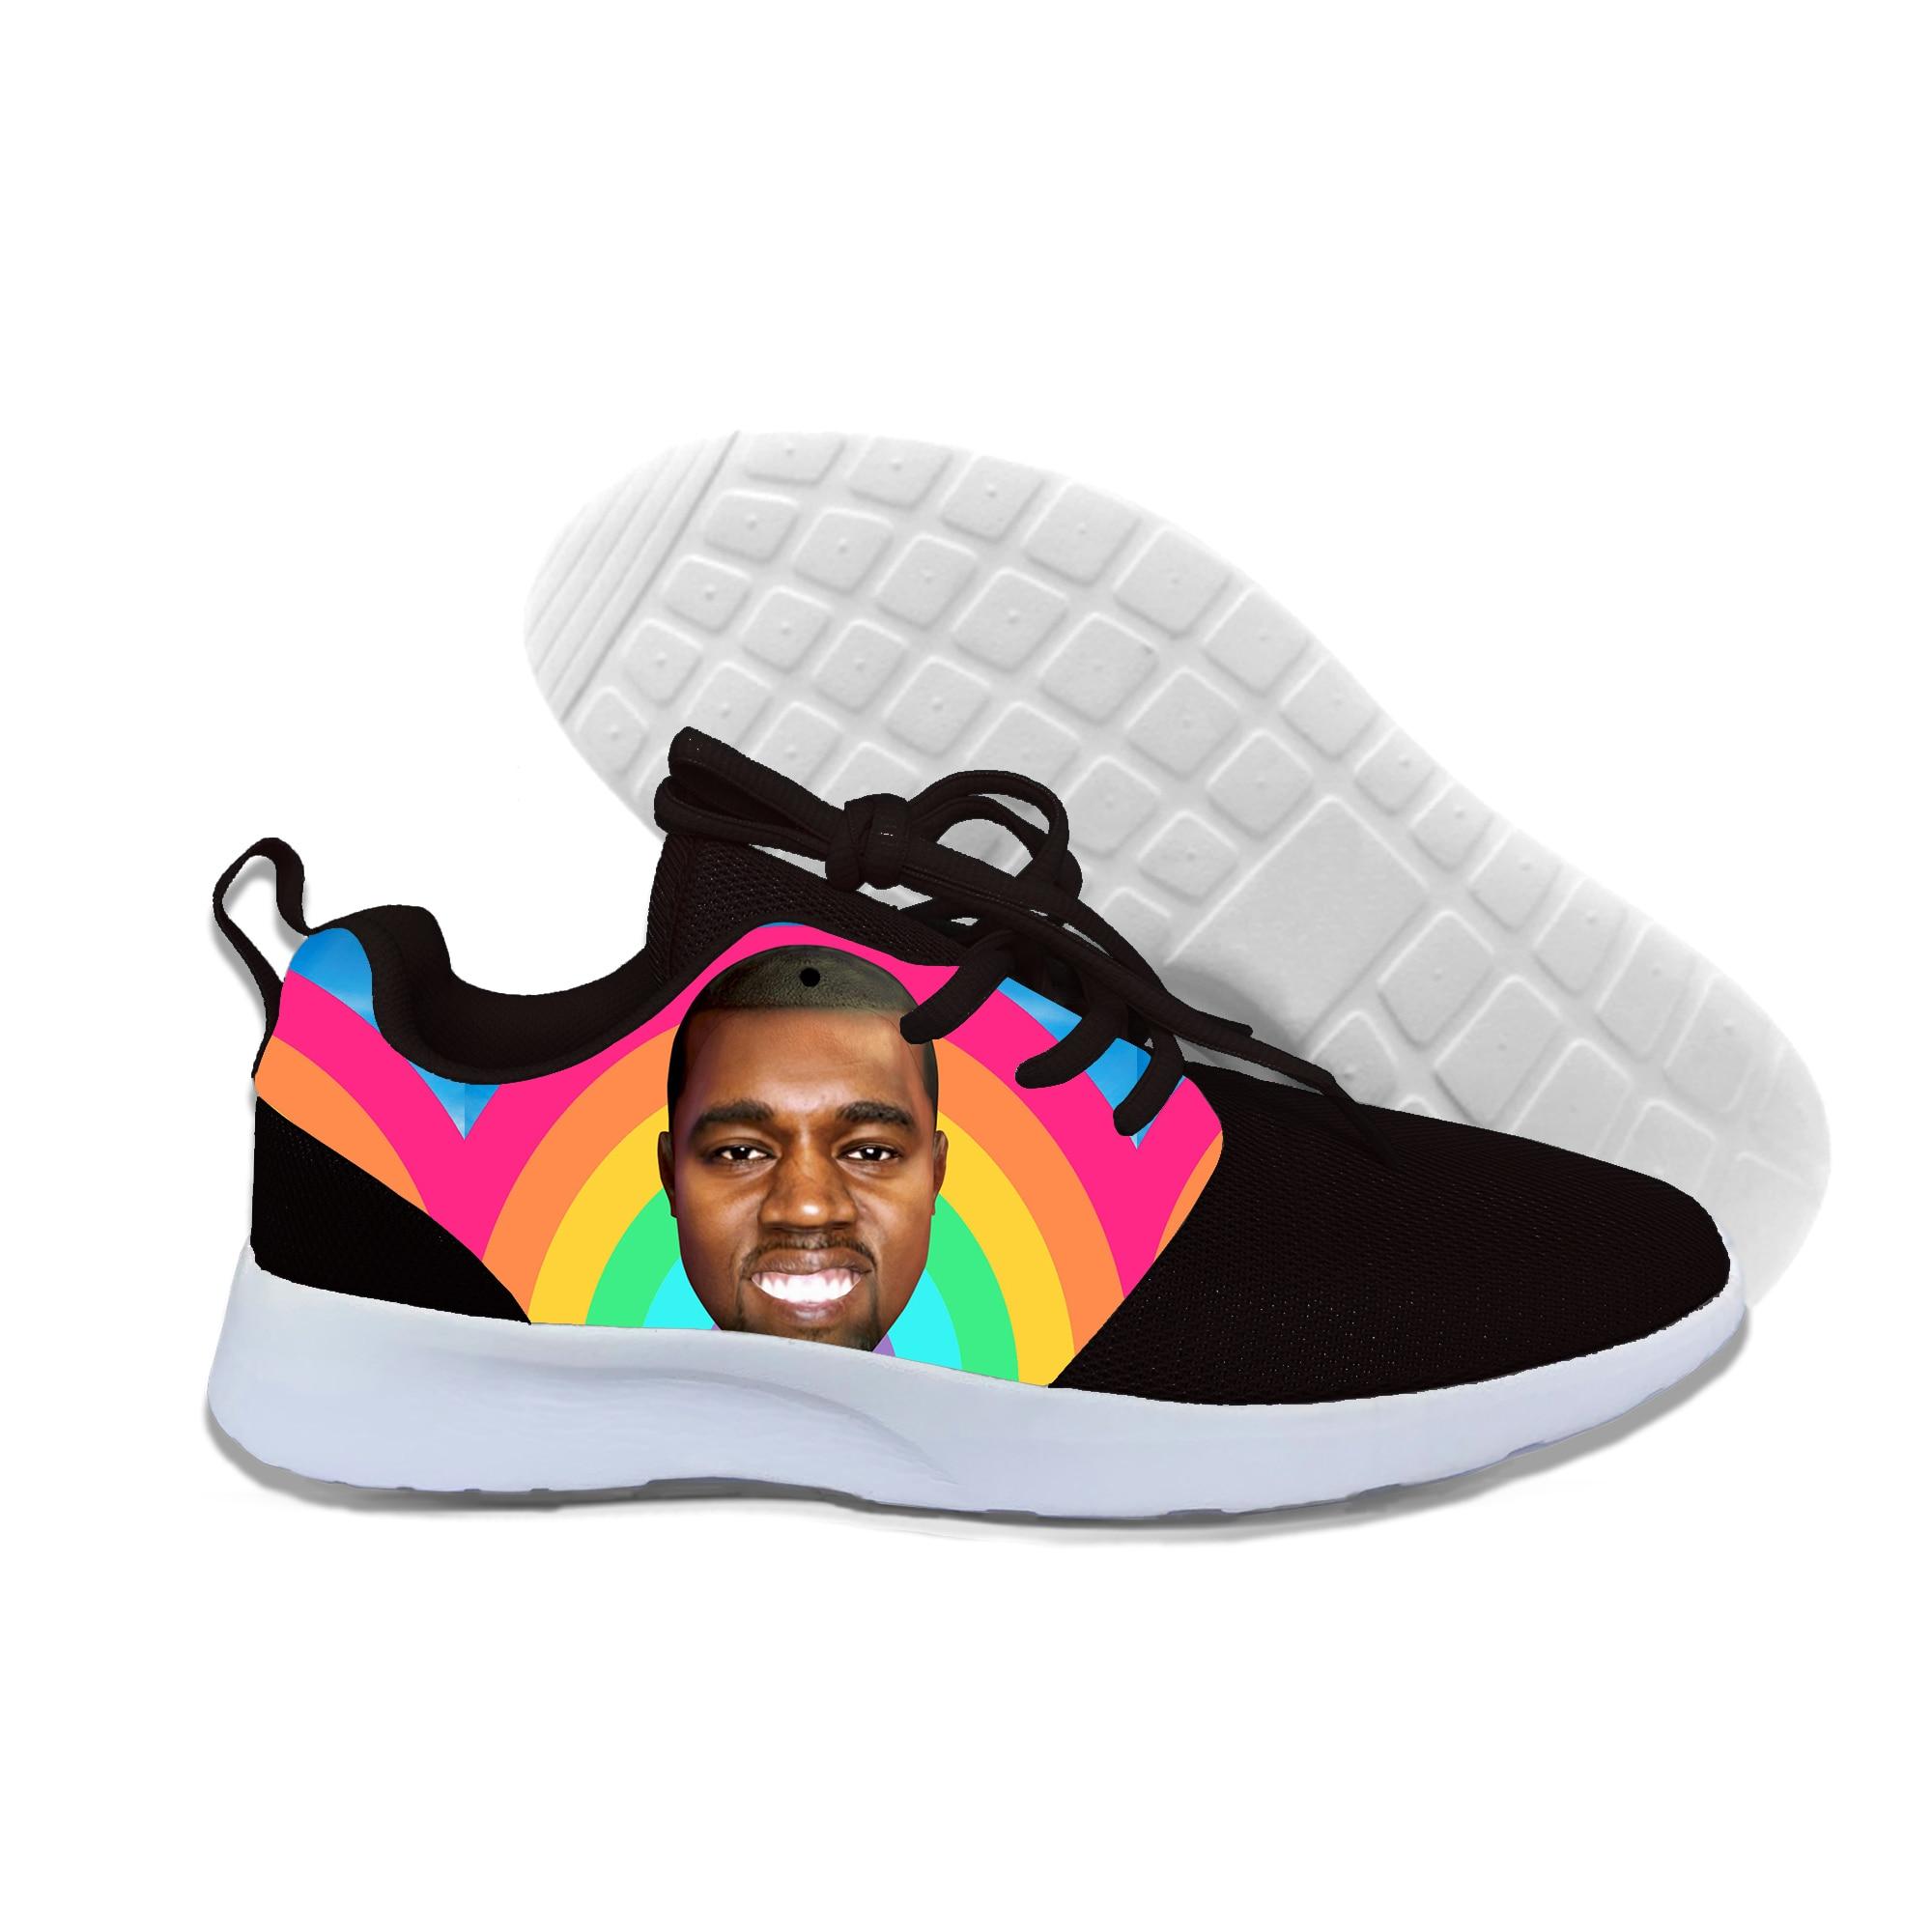 2019 été nouveaux hommes femmes 3D impression rappeur Kanye Omari West Sneakers décontracté chaussures légères